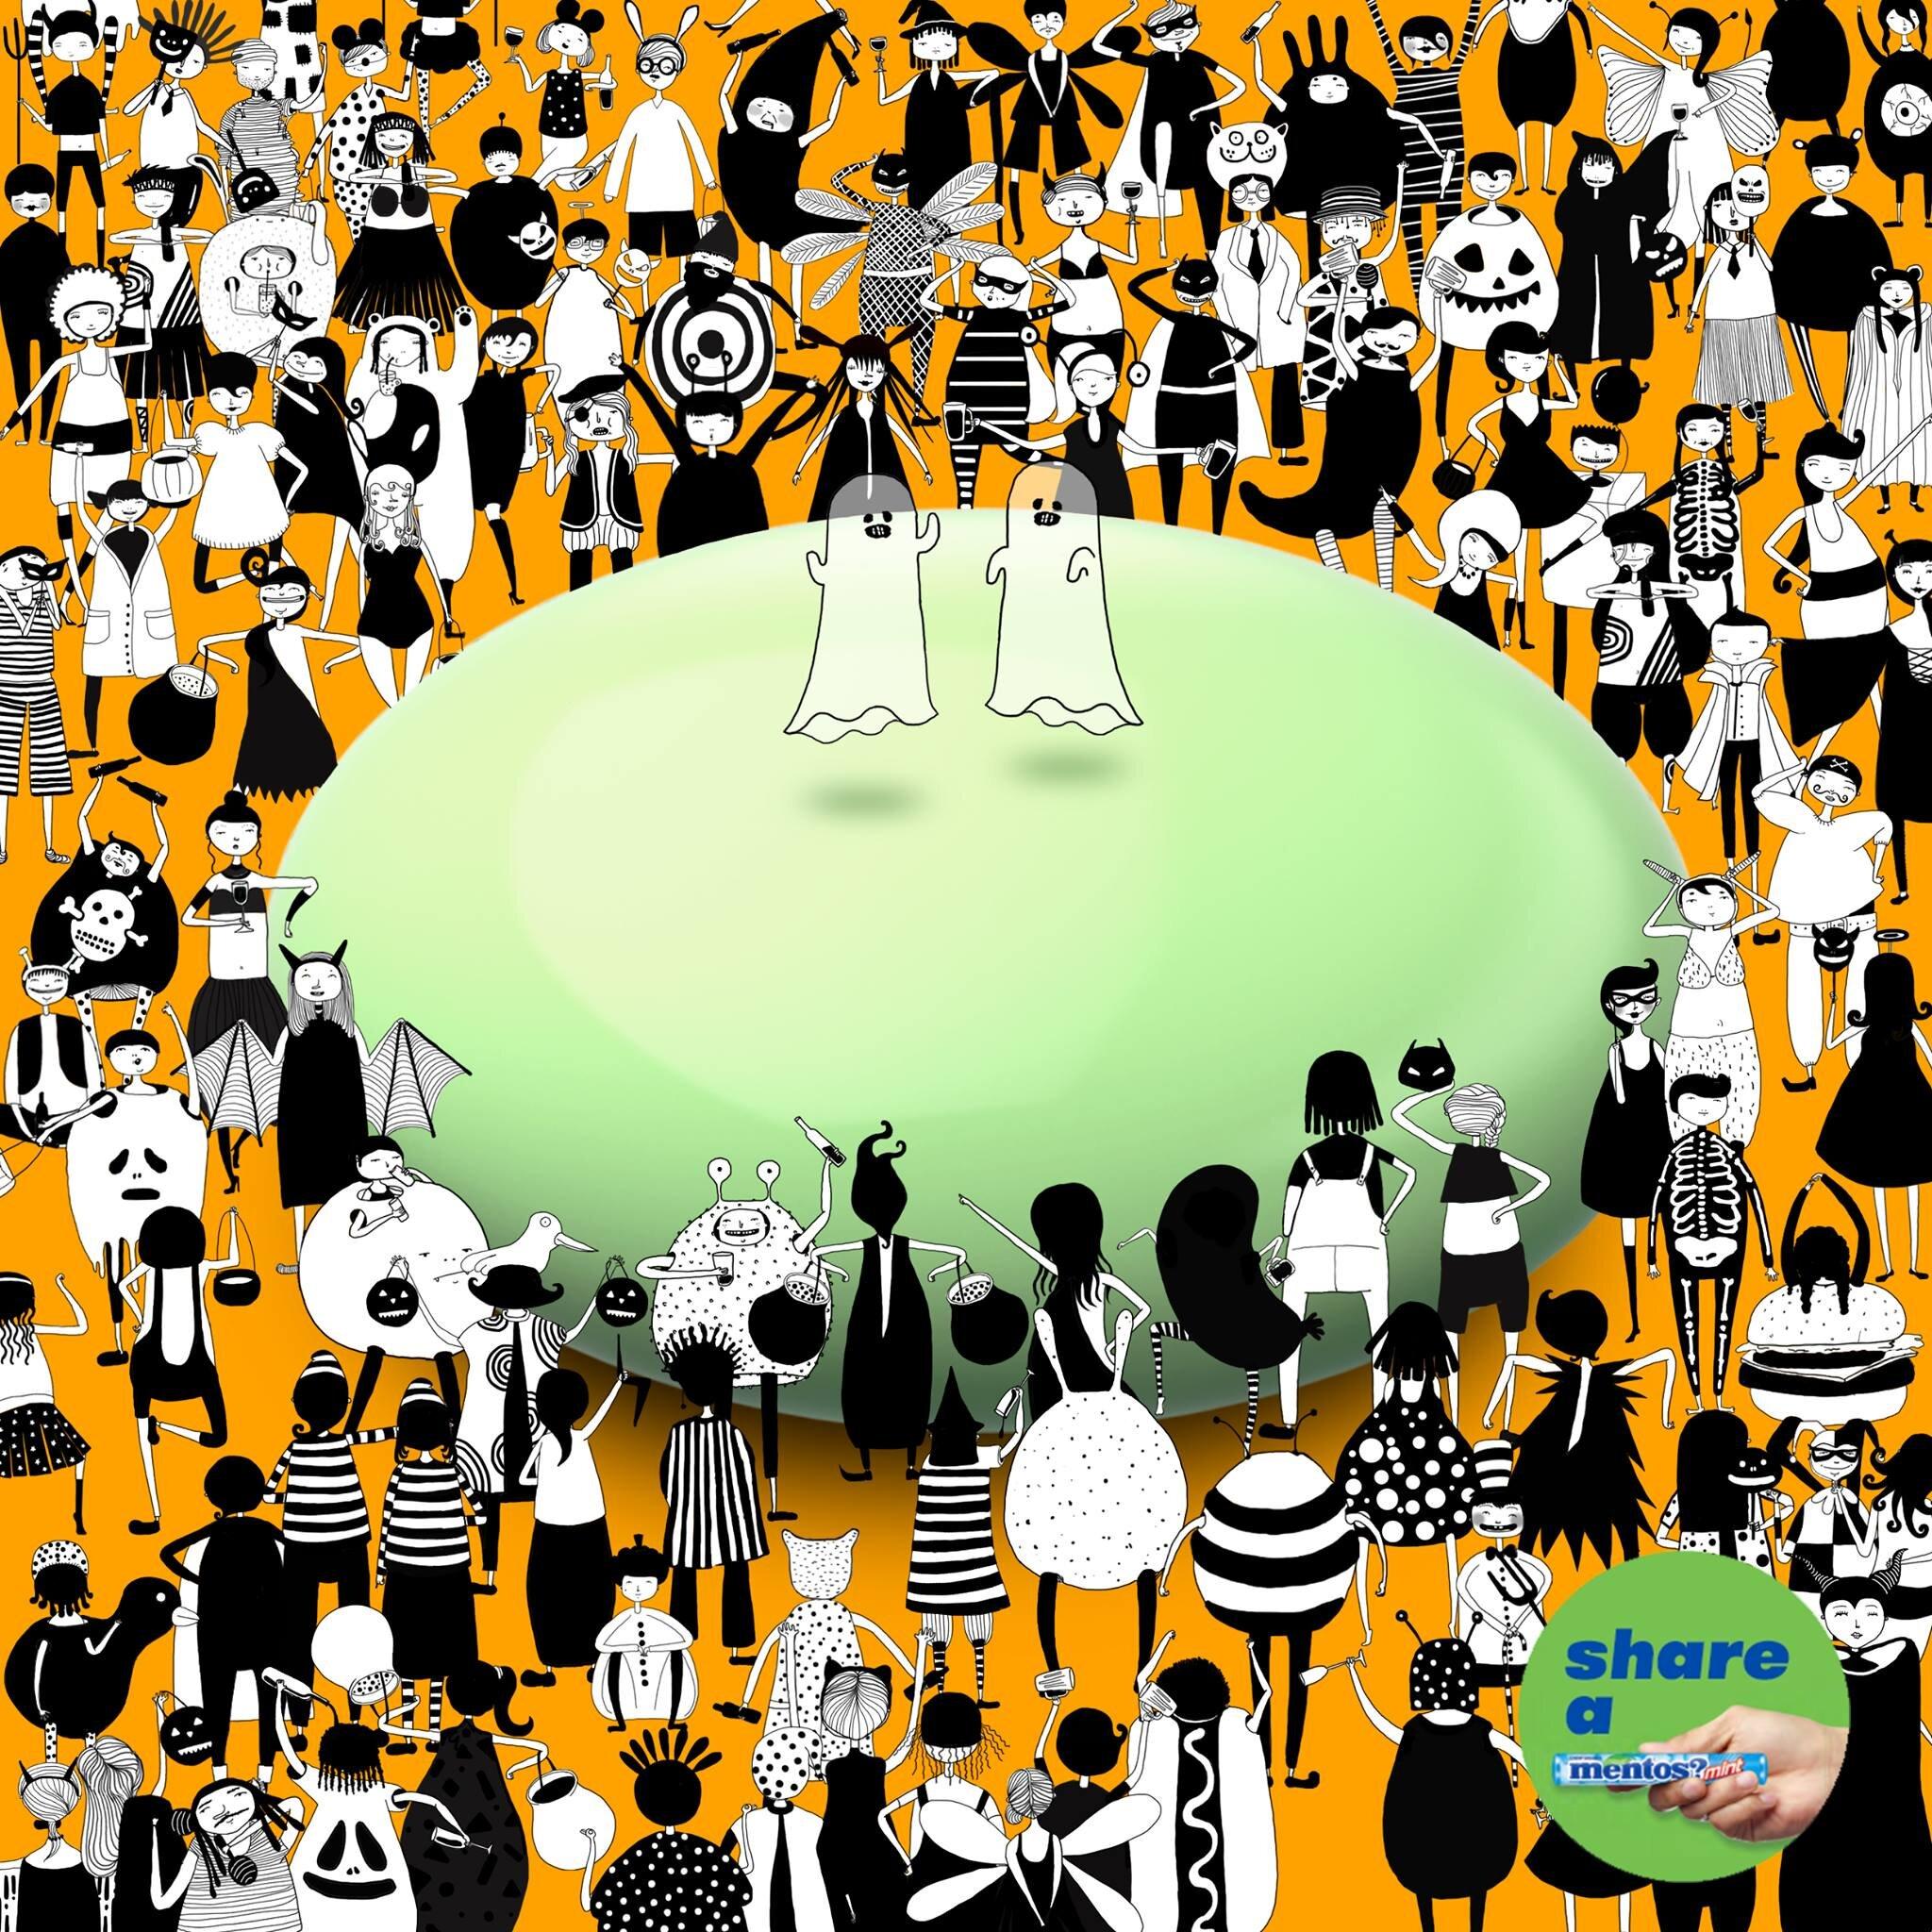 160901-Mentos-Share-A-Mentos-Halloween-06.jpg